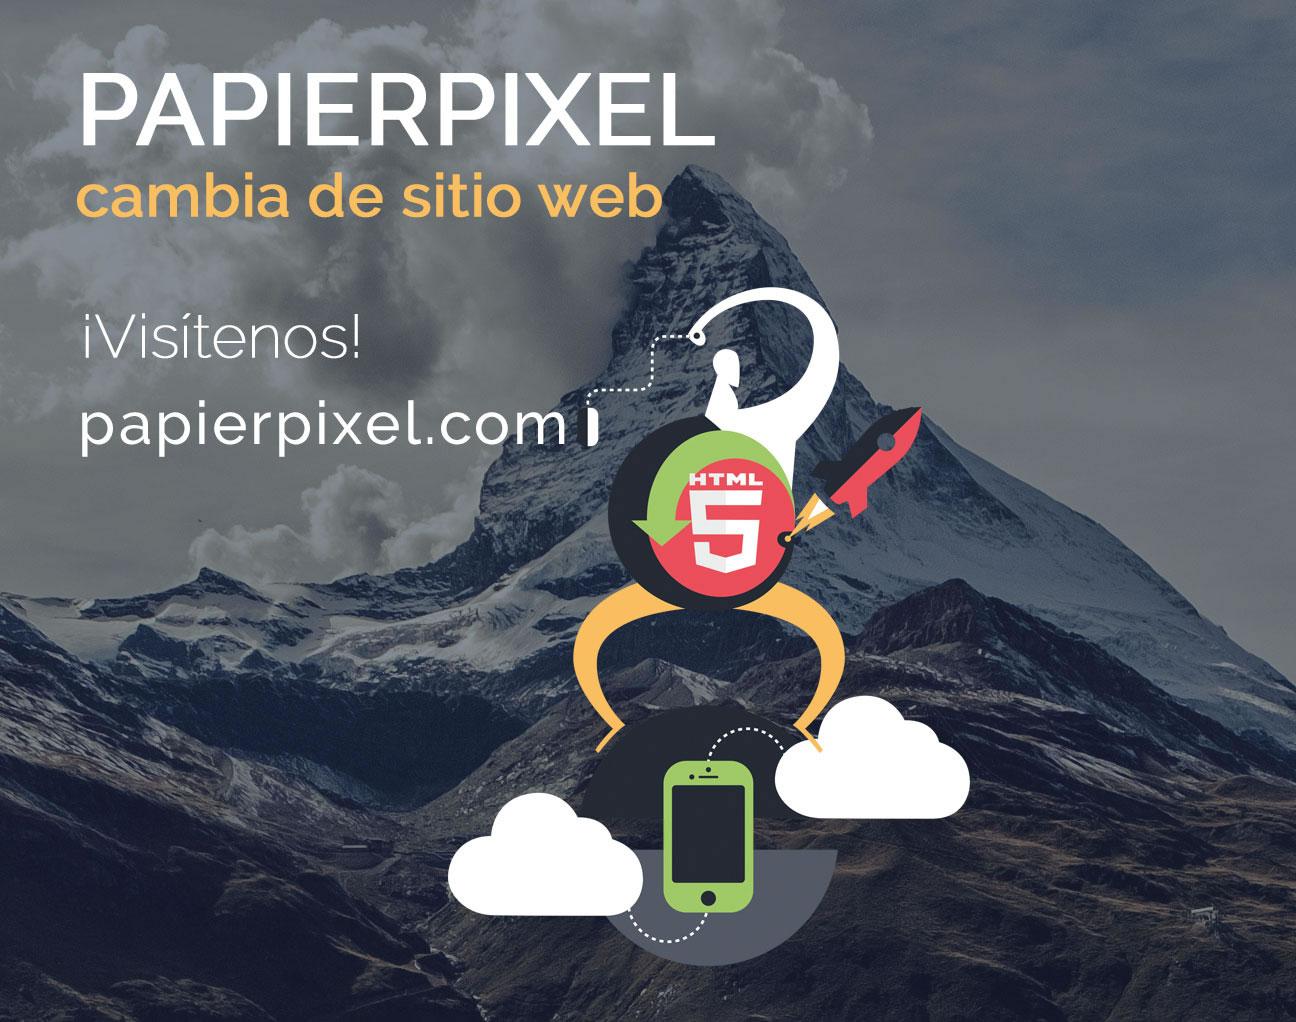 nuevo sitio web